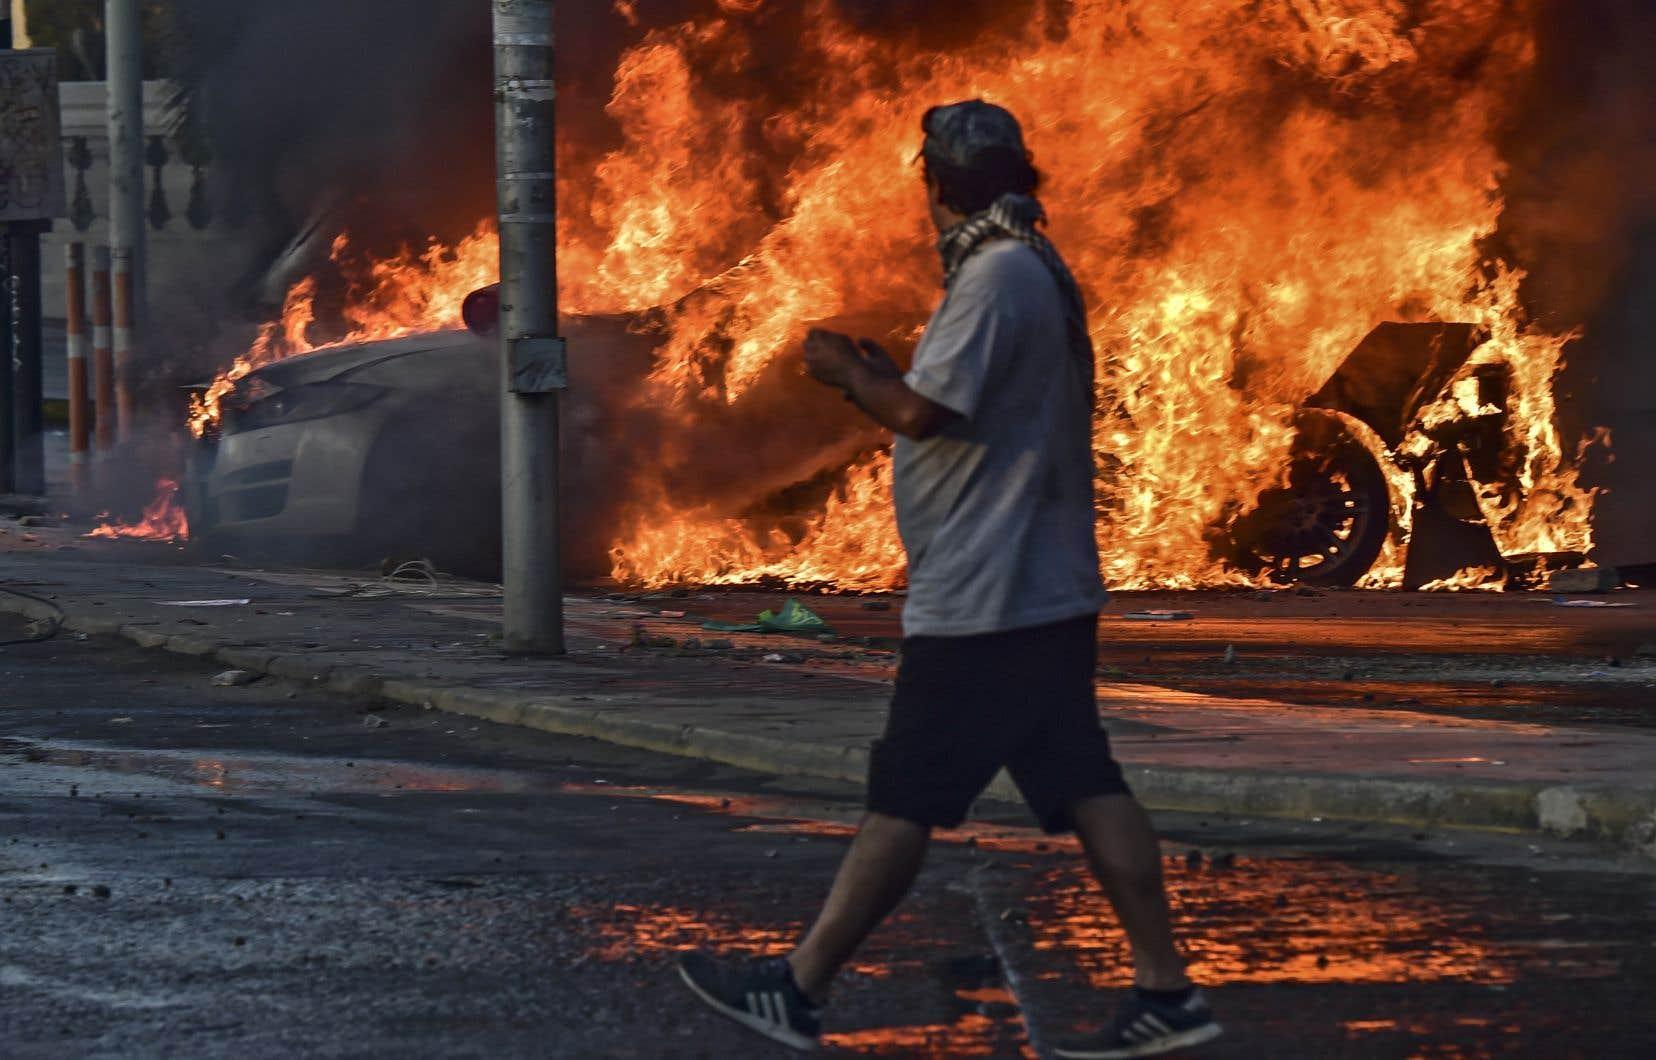 De nouveaux affrontements violents entre manifestants et forces de l'ordre ont eu lieu durant la fin de semaine dans la station balnéaire de Viña del Mar.